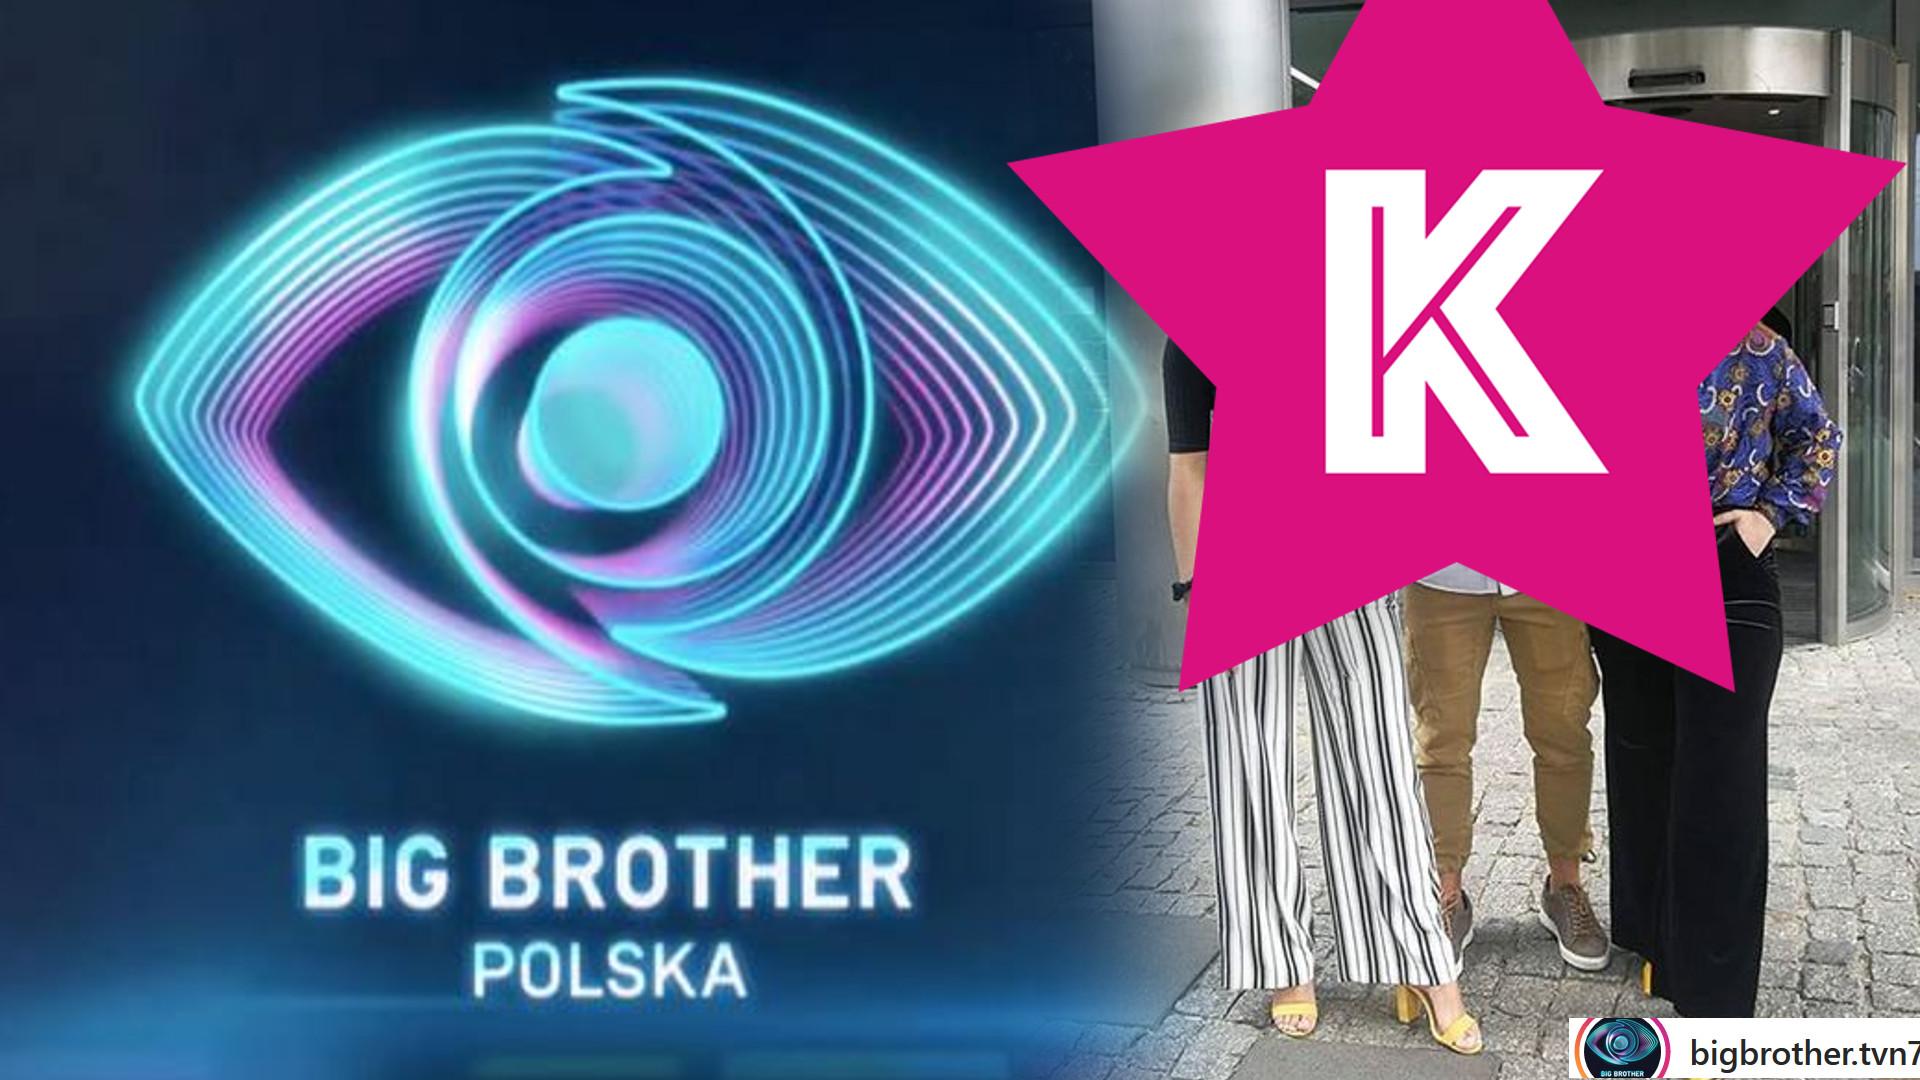 Produkcja UJAWNIŁA pierwszych kandydatów do Big Brother 2